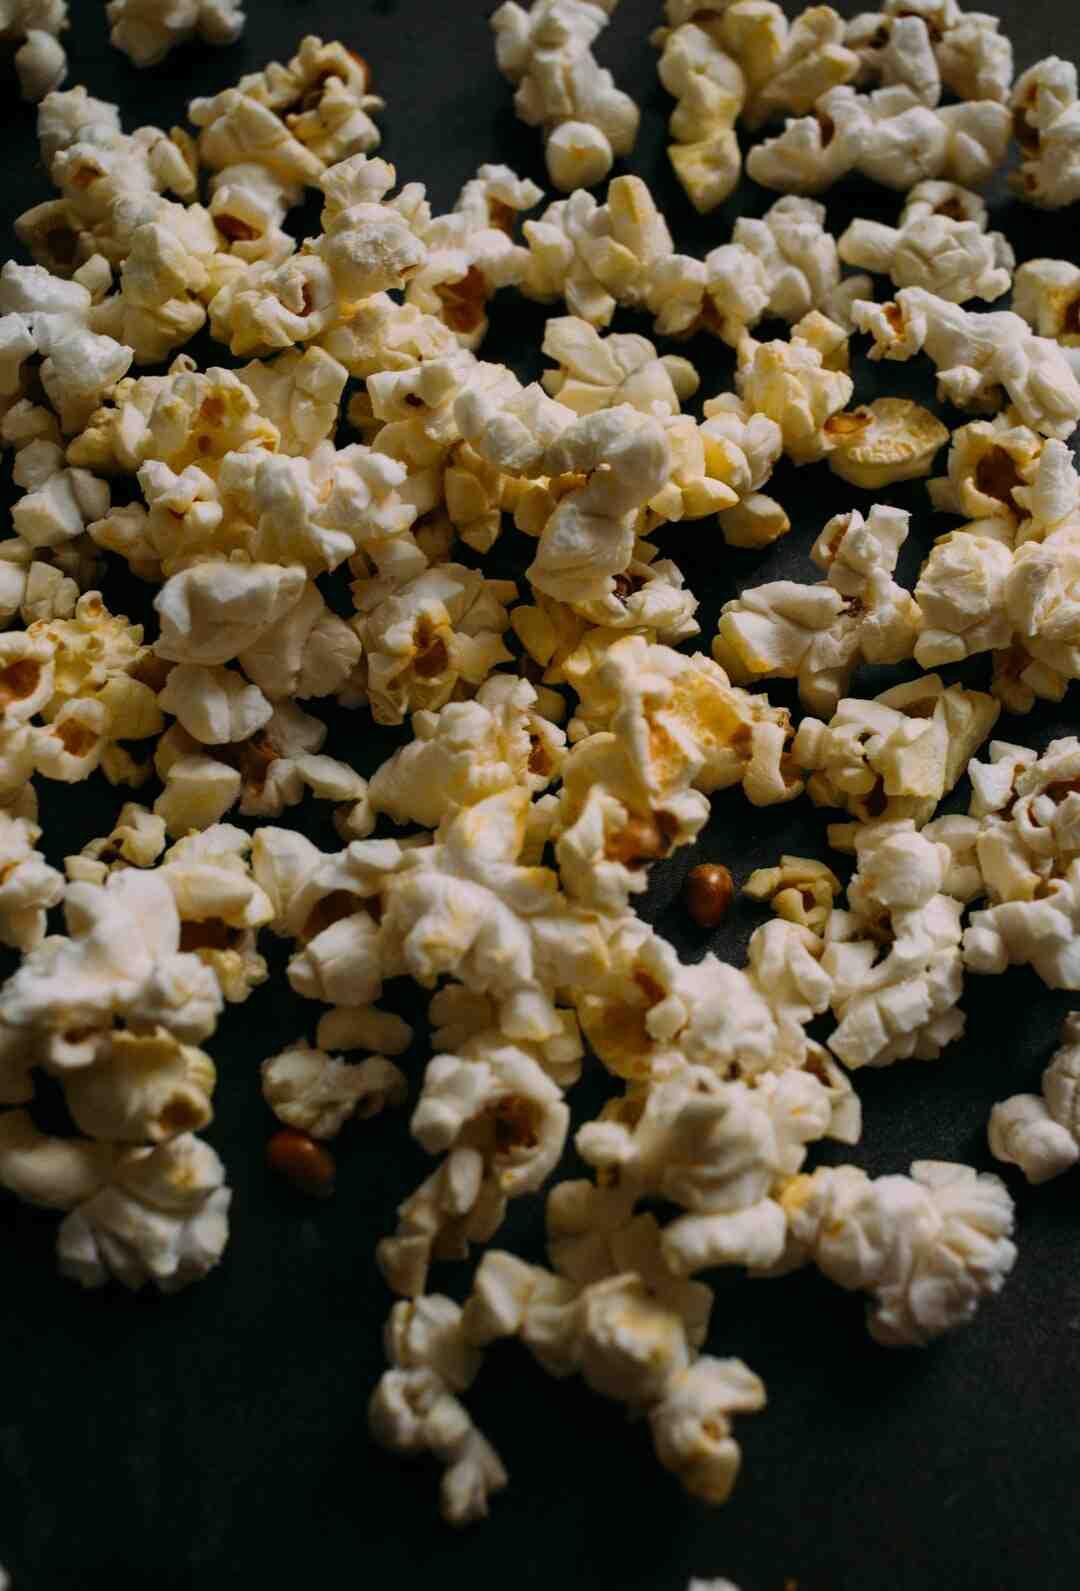 Comment préparer du beurre comme au cinéma pour le popcorn